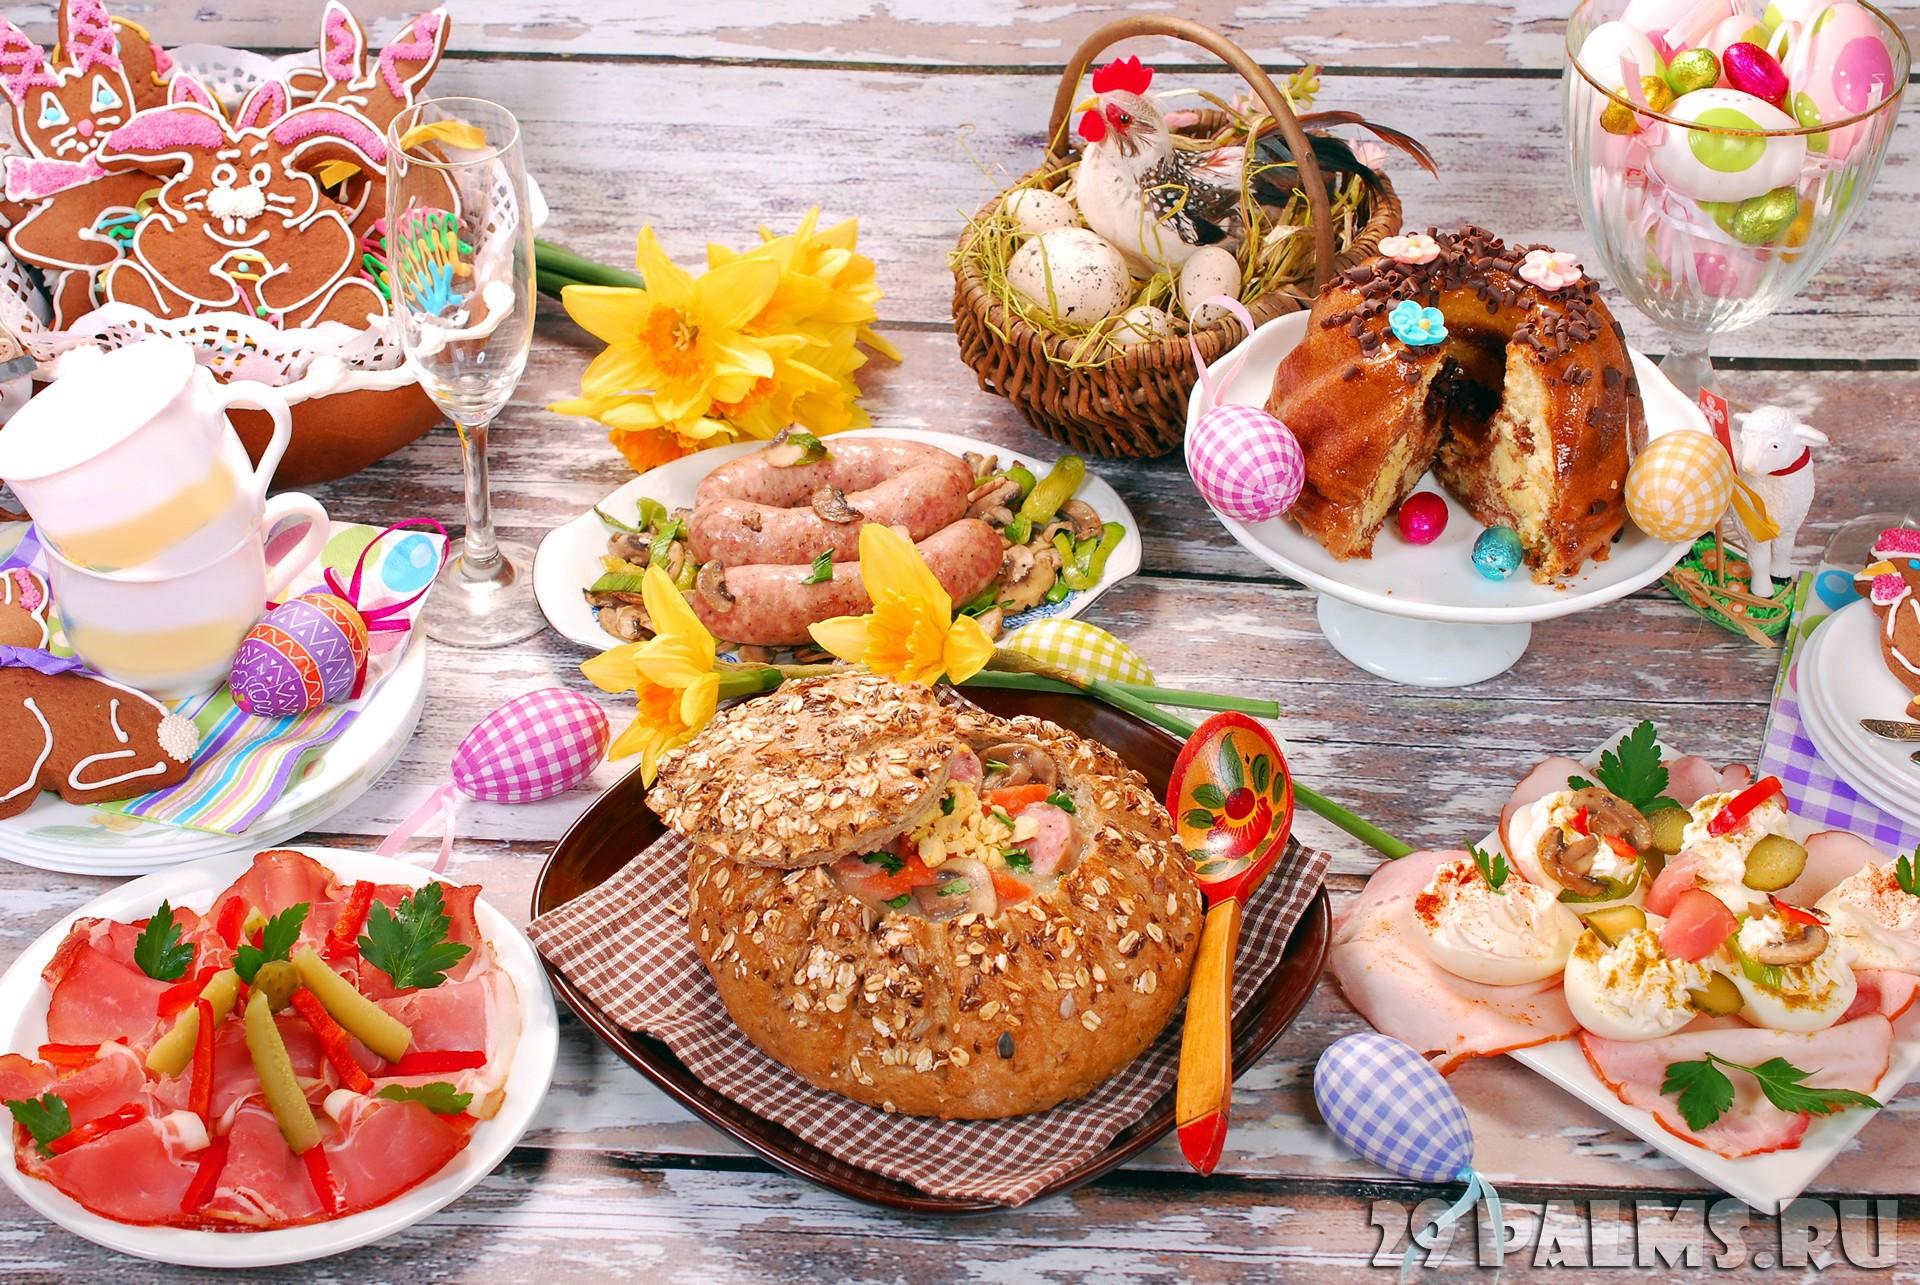 Пасхальные рецепты для праздничного стола в 2020 году разных стран мира